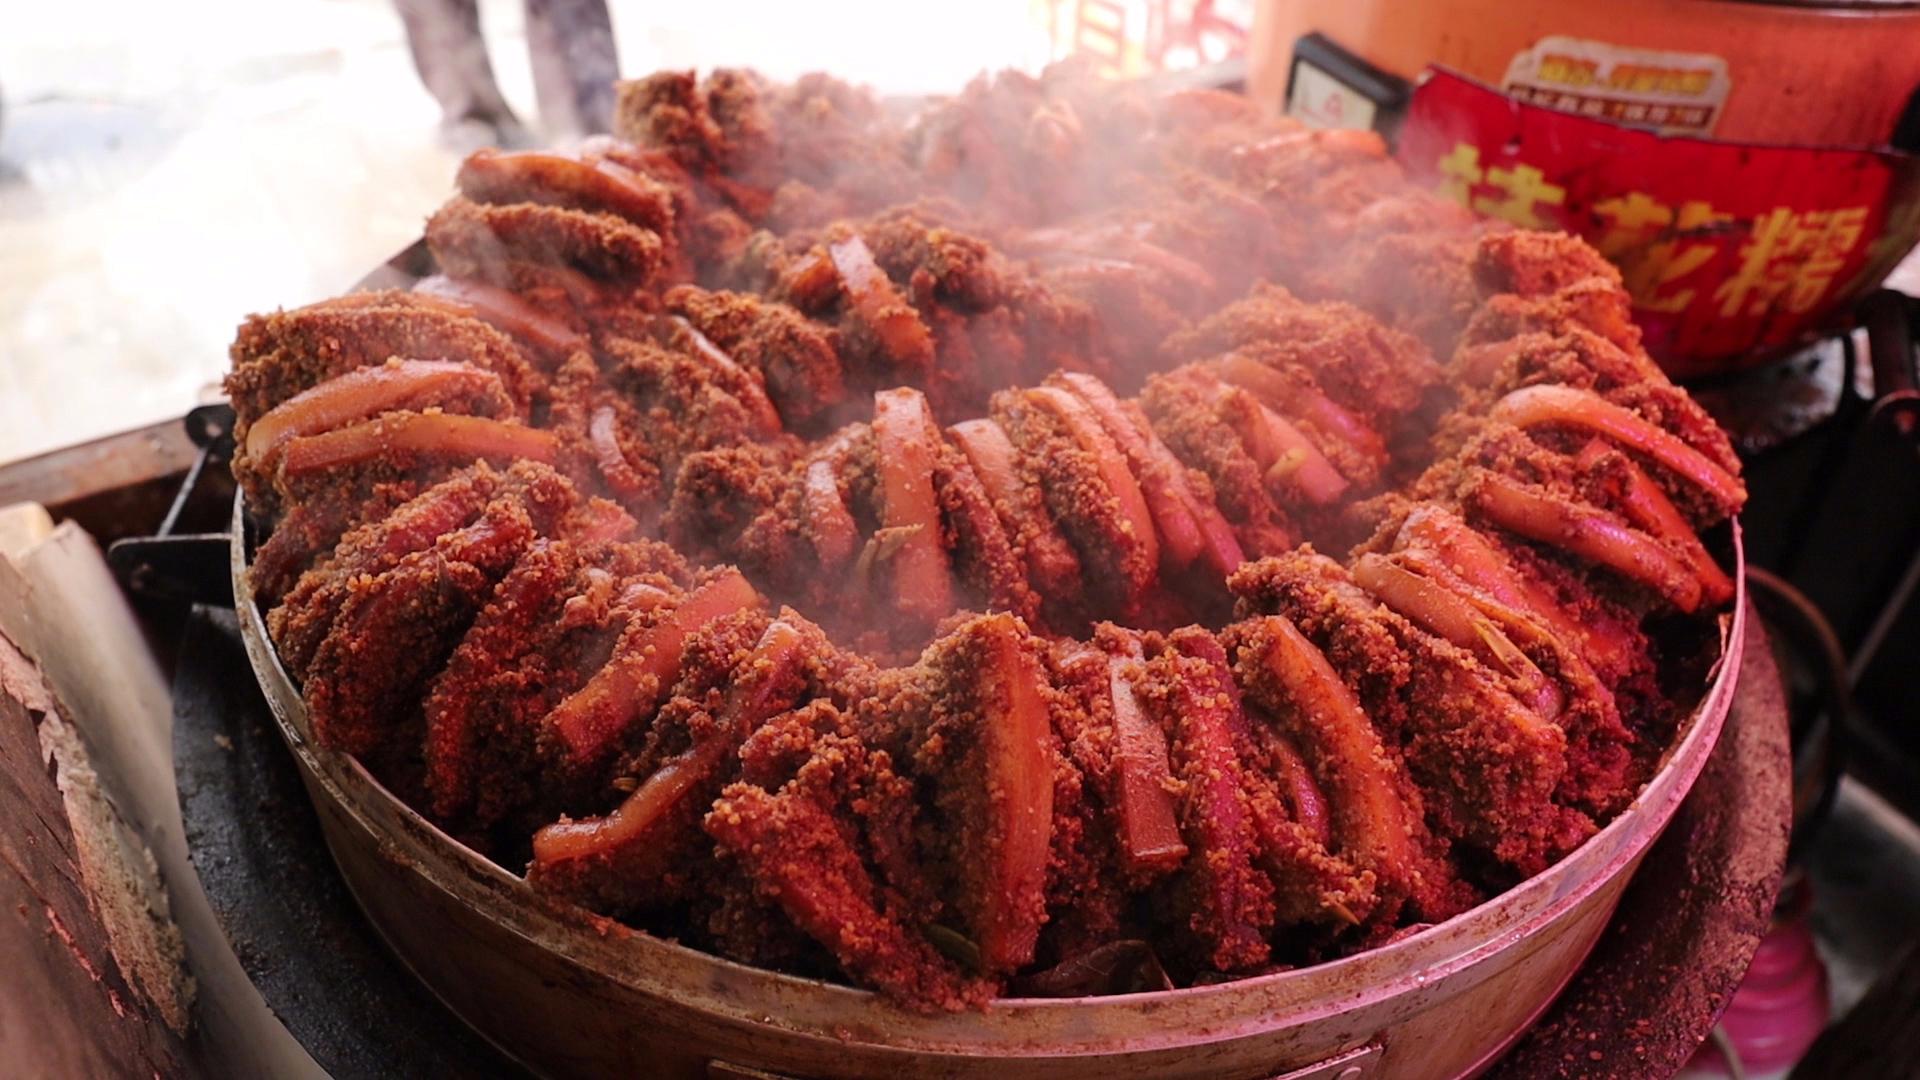 徐州大姐卖蒸肉,8两五花装一碗,20一份量真大,基本全是老顾客